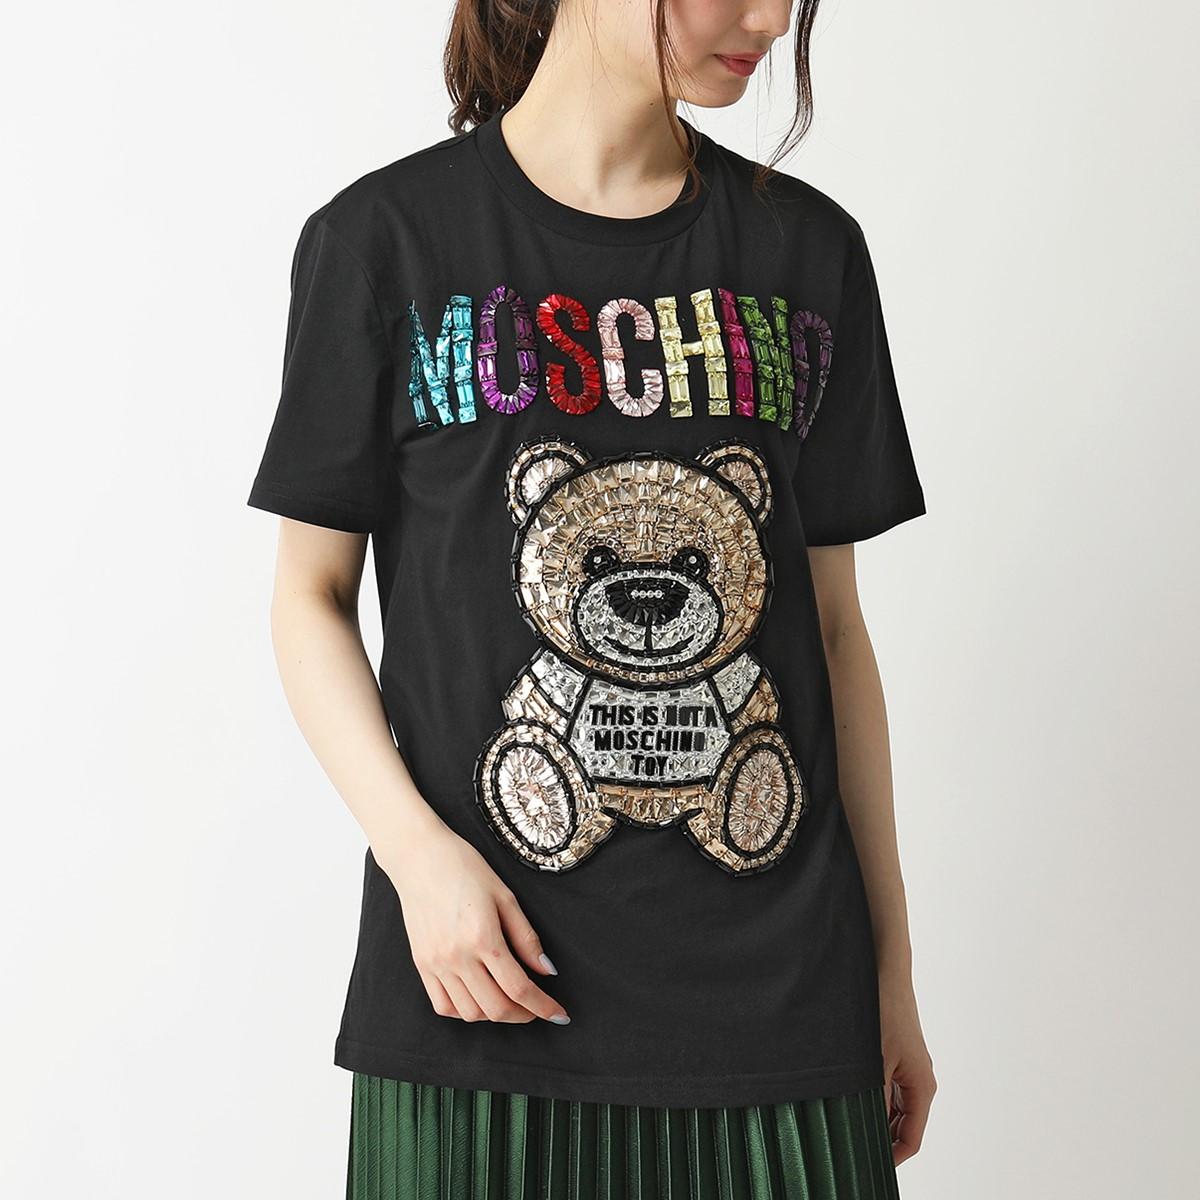 激安通販の MOSCHINO モスキーノ V0718 0240 半袖Tシャツ 半袖Tシャツ カットソー レジンストーン 0240 テディベア 2555 カットソー ユニセックス, 和の装い:5cdc3896 --- kventurepartners.sakura.ne.jp